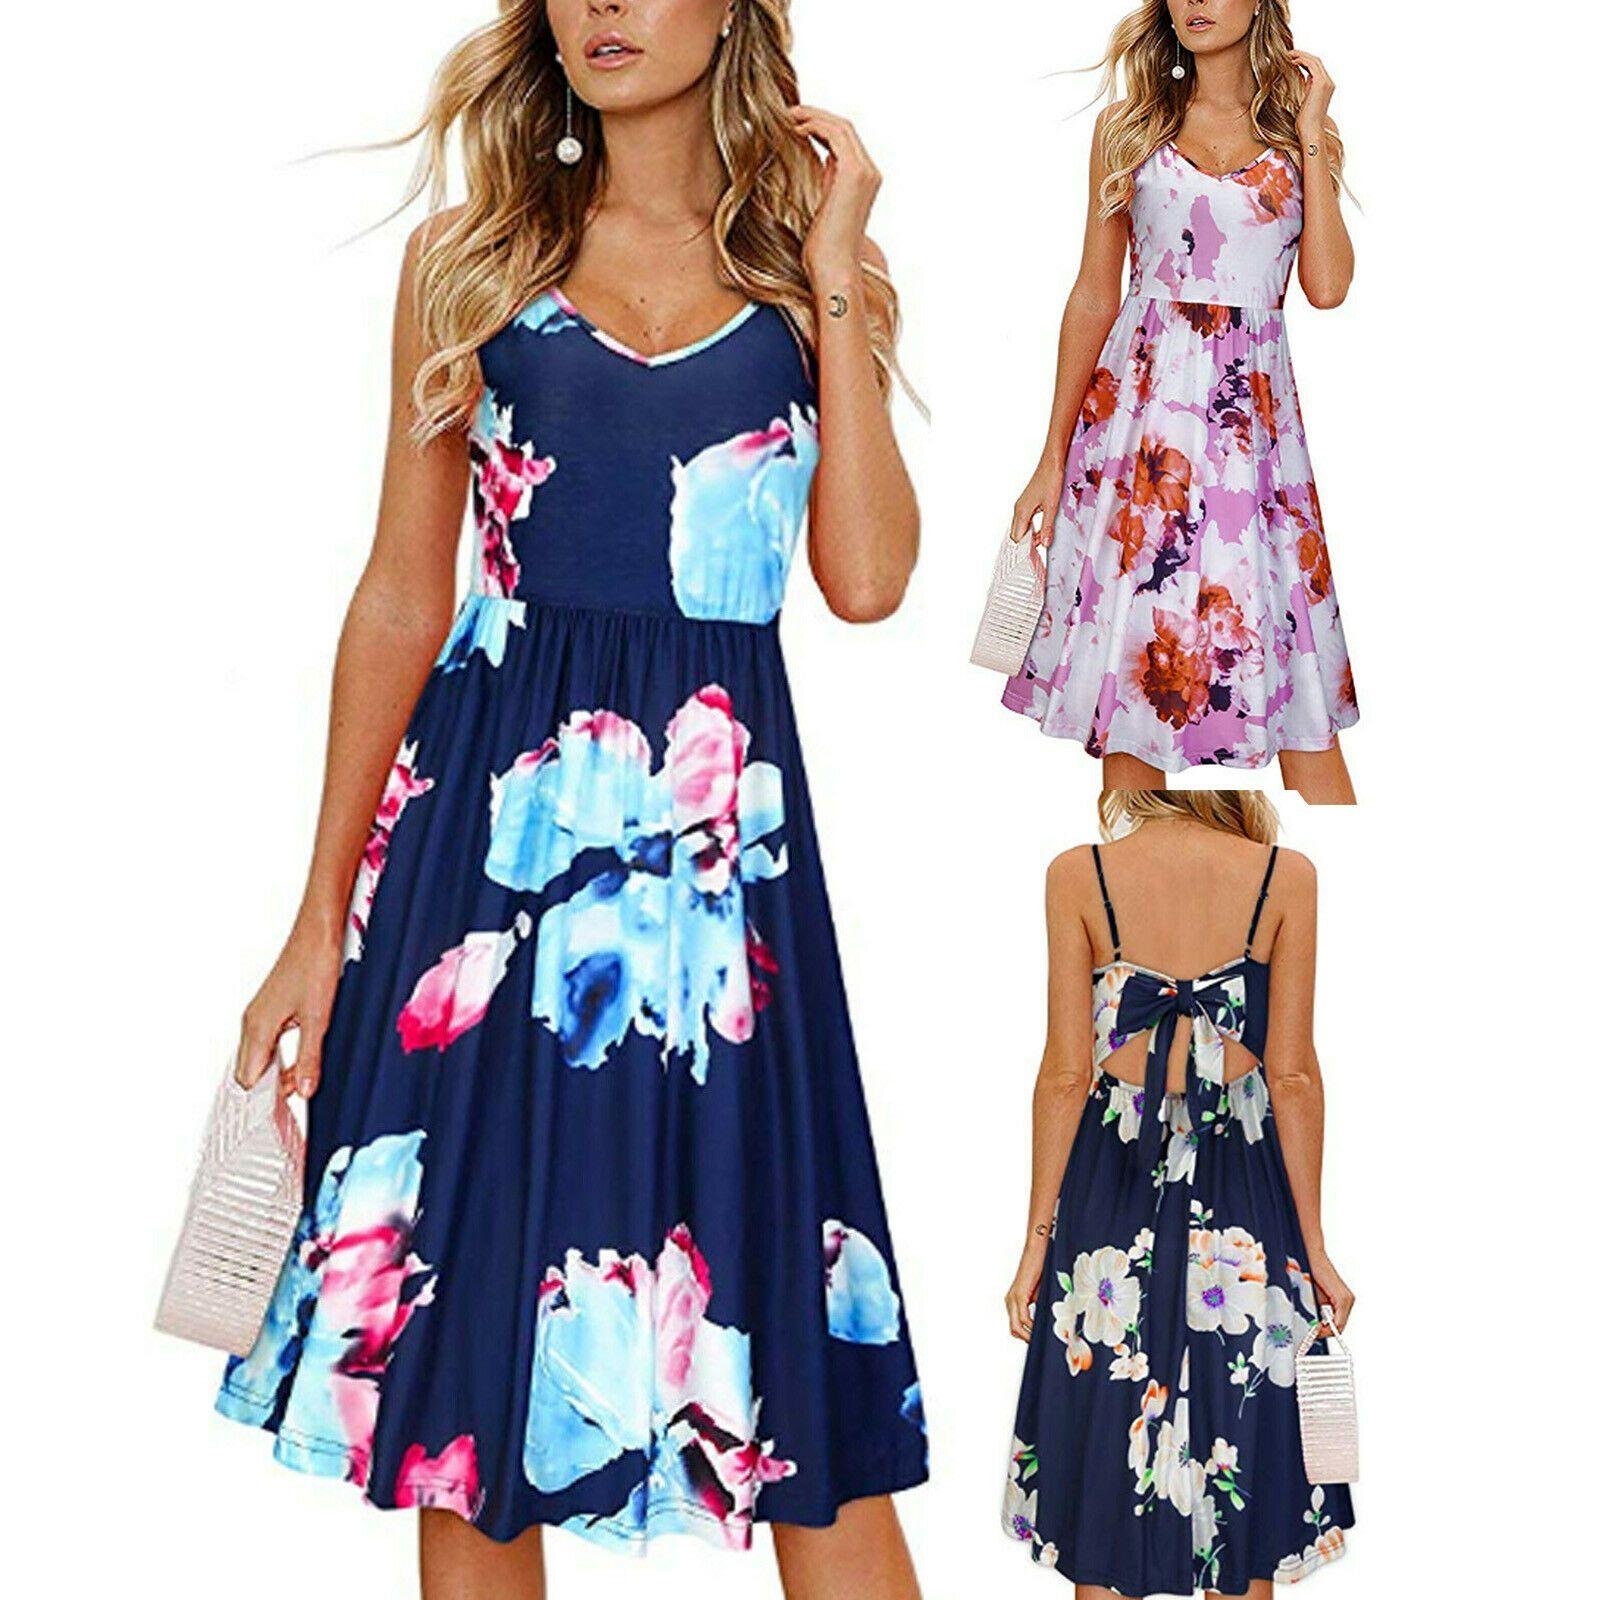 Women Floral Spaghetti Strap Bow Back Short Dress Summer Beach A Line Sundress Sundress Shop For Sundress For Ideas Sundre Dresses Summer Dresses Sundress [ 1600 x 1600 Pixel ]